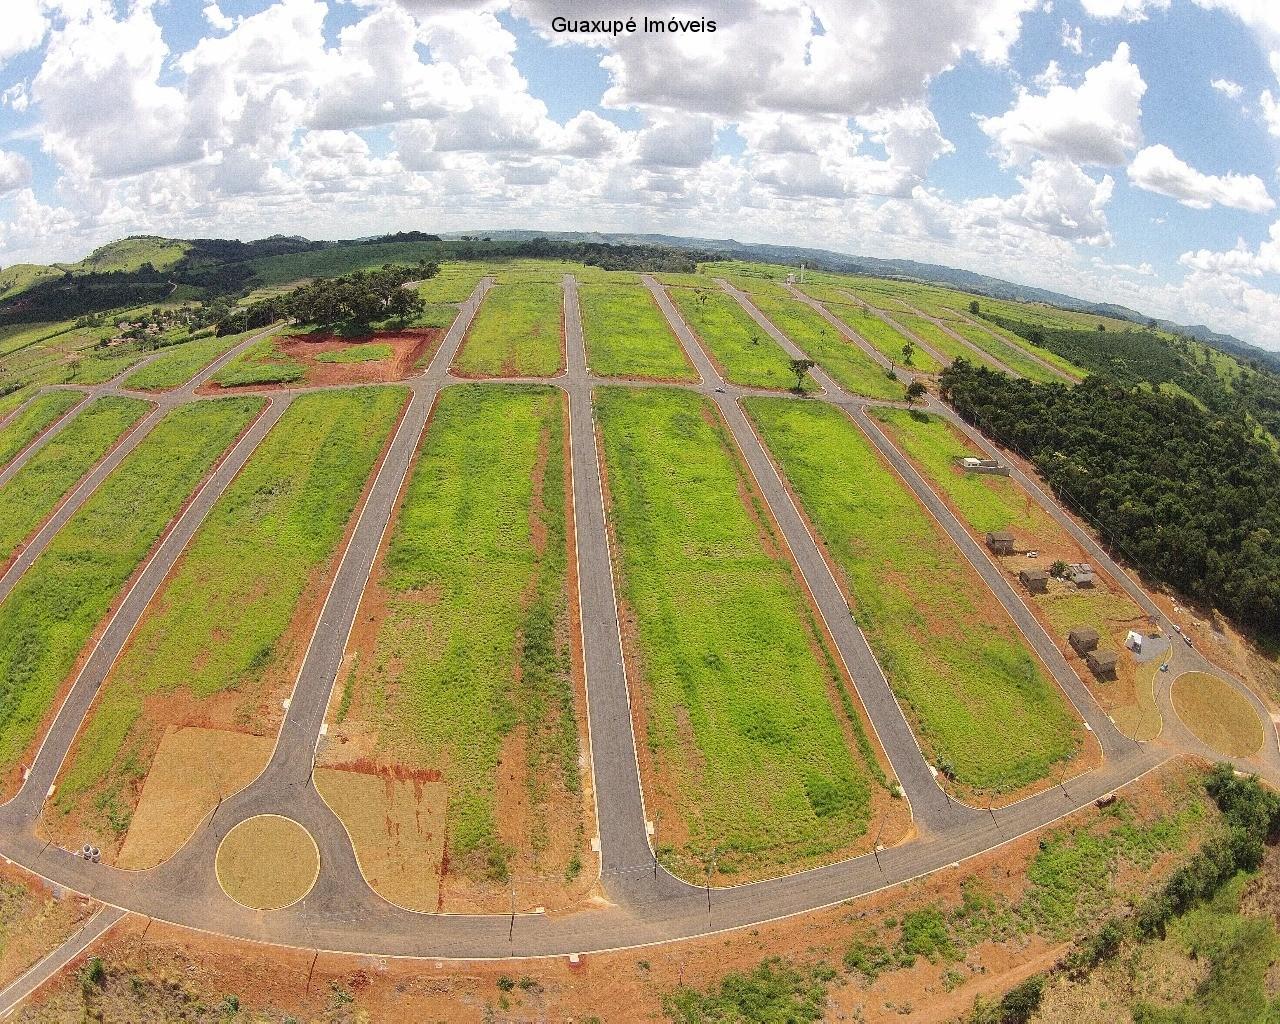 comprar ou alugar terreno no bairro residencial fazenda planalto na cidade de guaxupé-mg